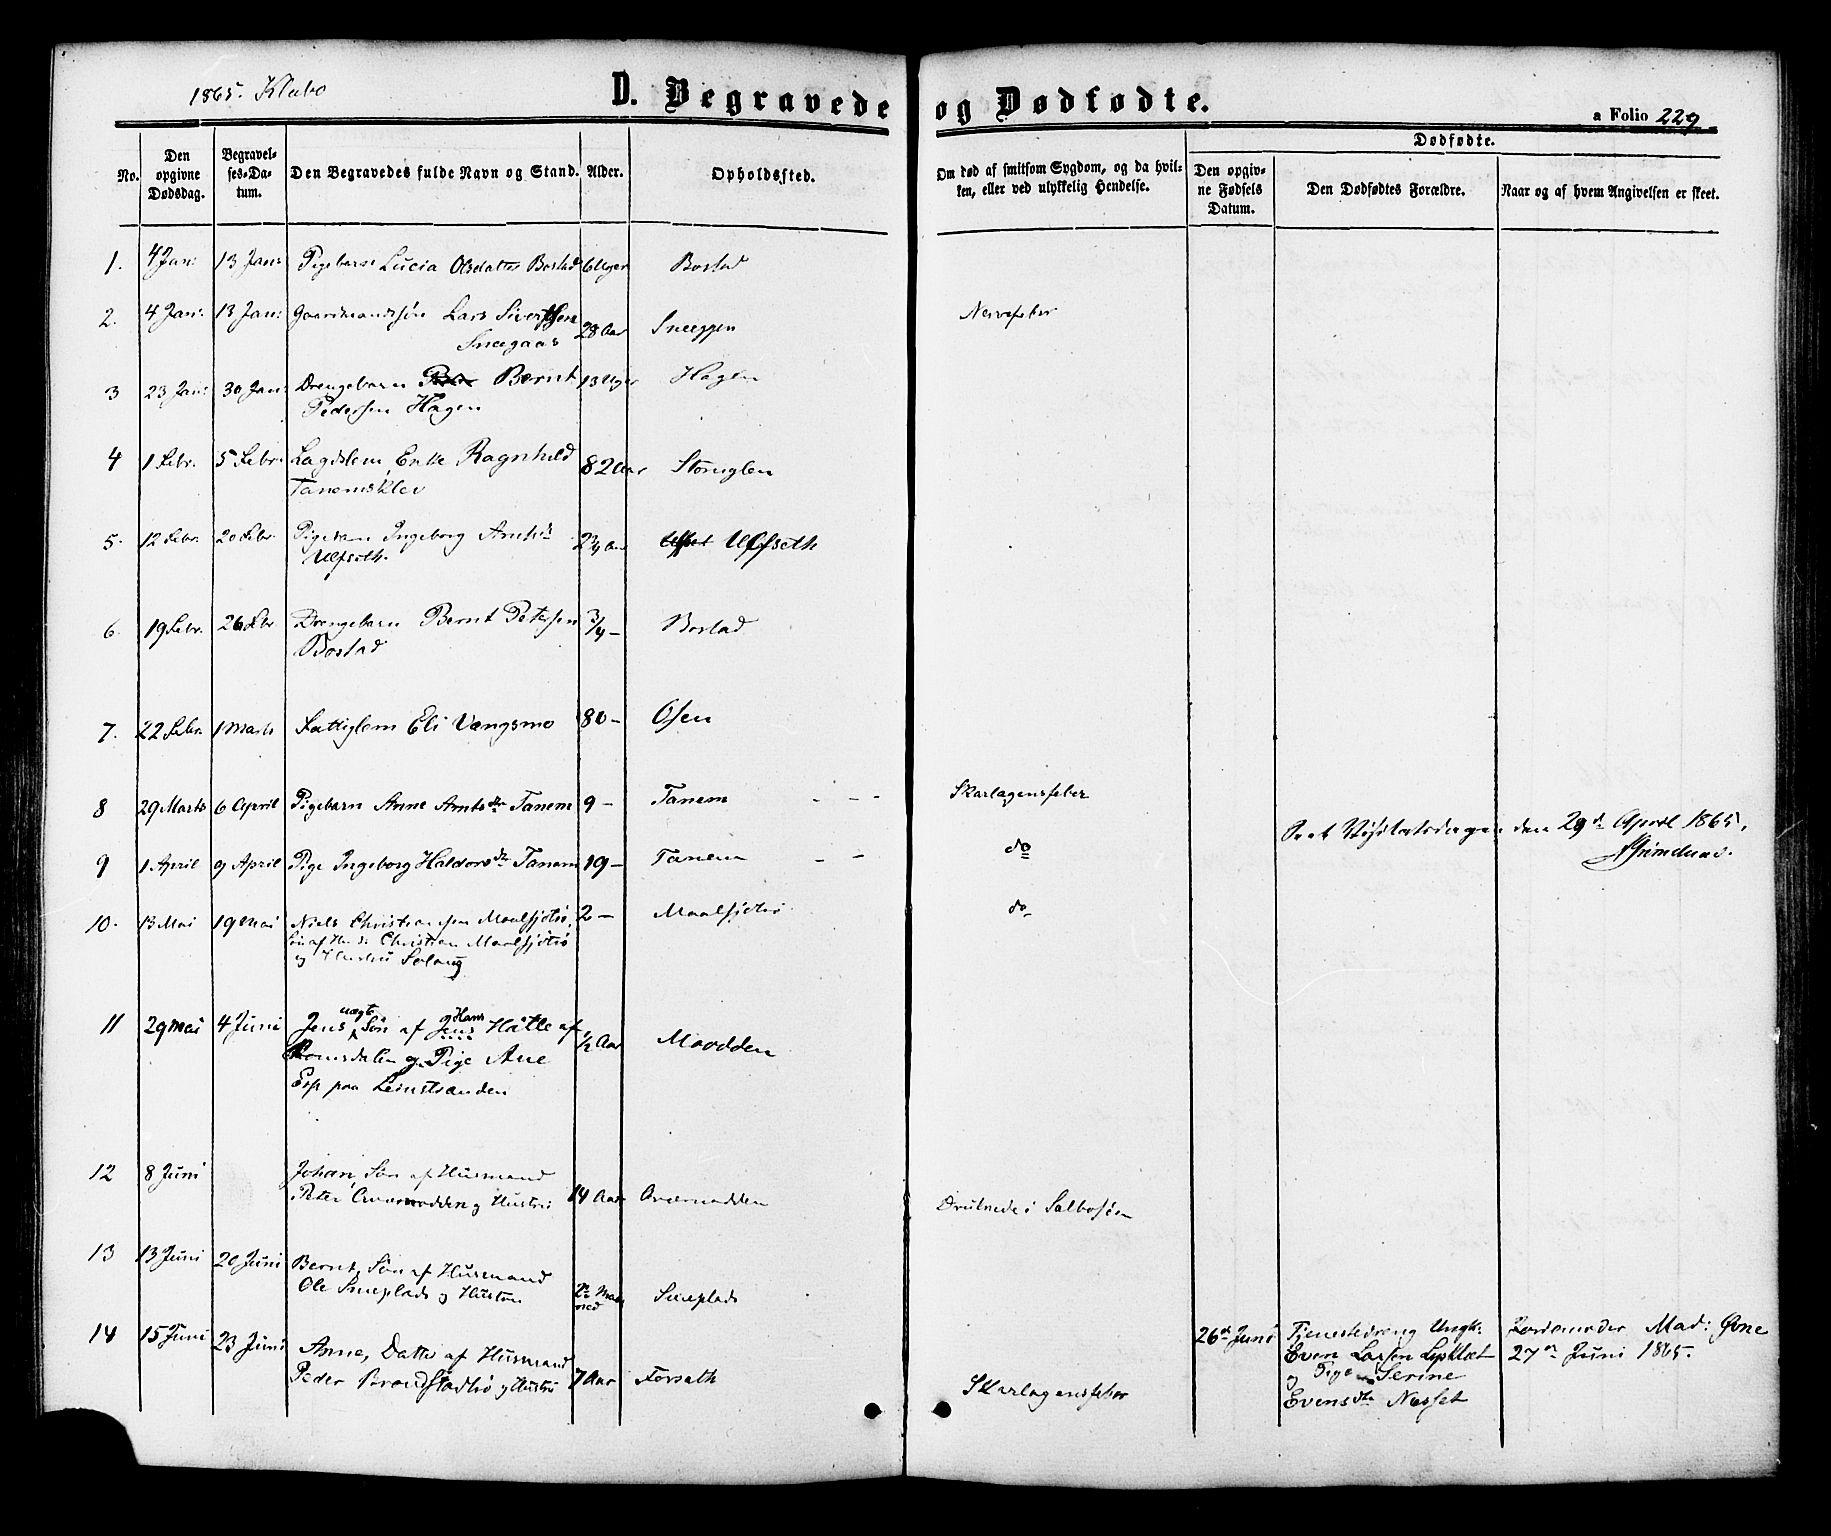 SAT, Ministerialprotokoller, klokkerbøker og fødselsregistre - Sør-Trøndelag, 618/L0442: Ministerialbok nr. 618A06 /1, 1863-1879, s. 229